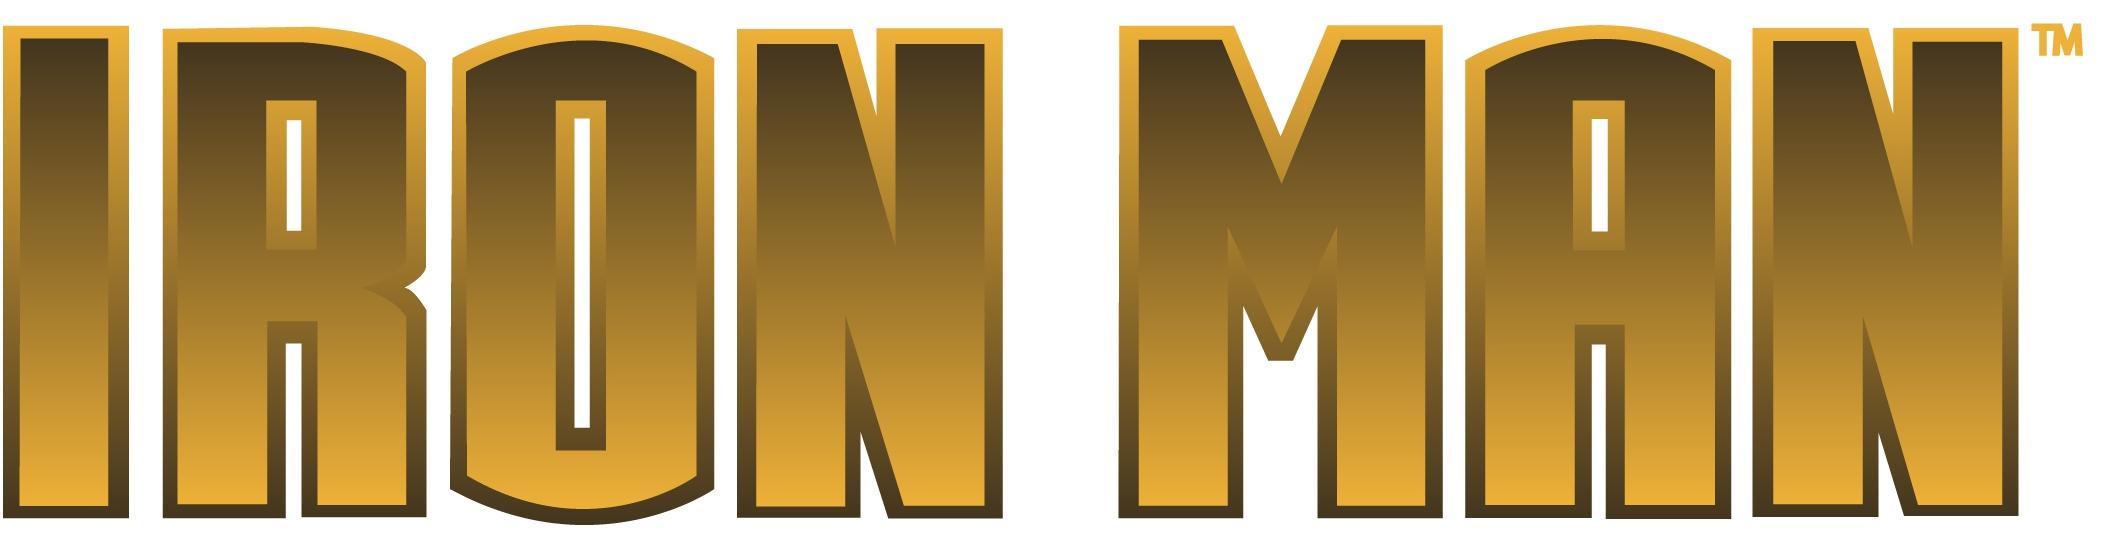 Logo clipart iron man Clipart Iron Logo collection logo